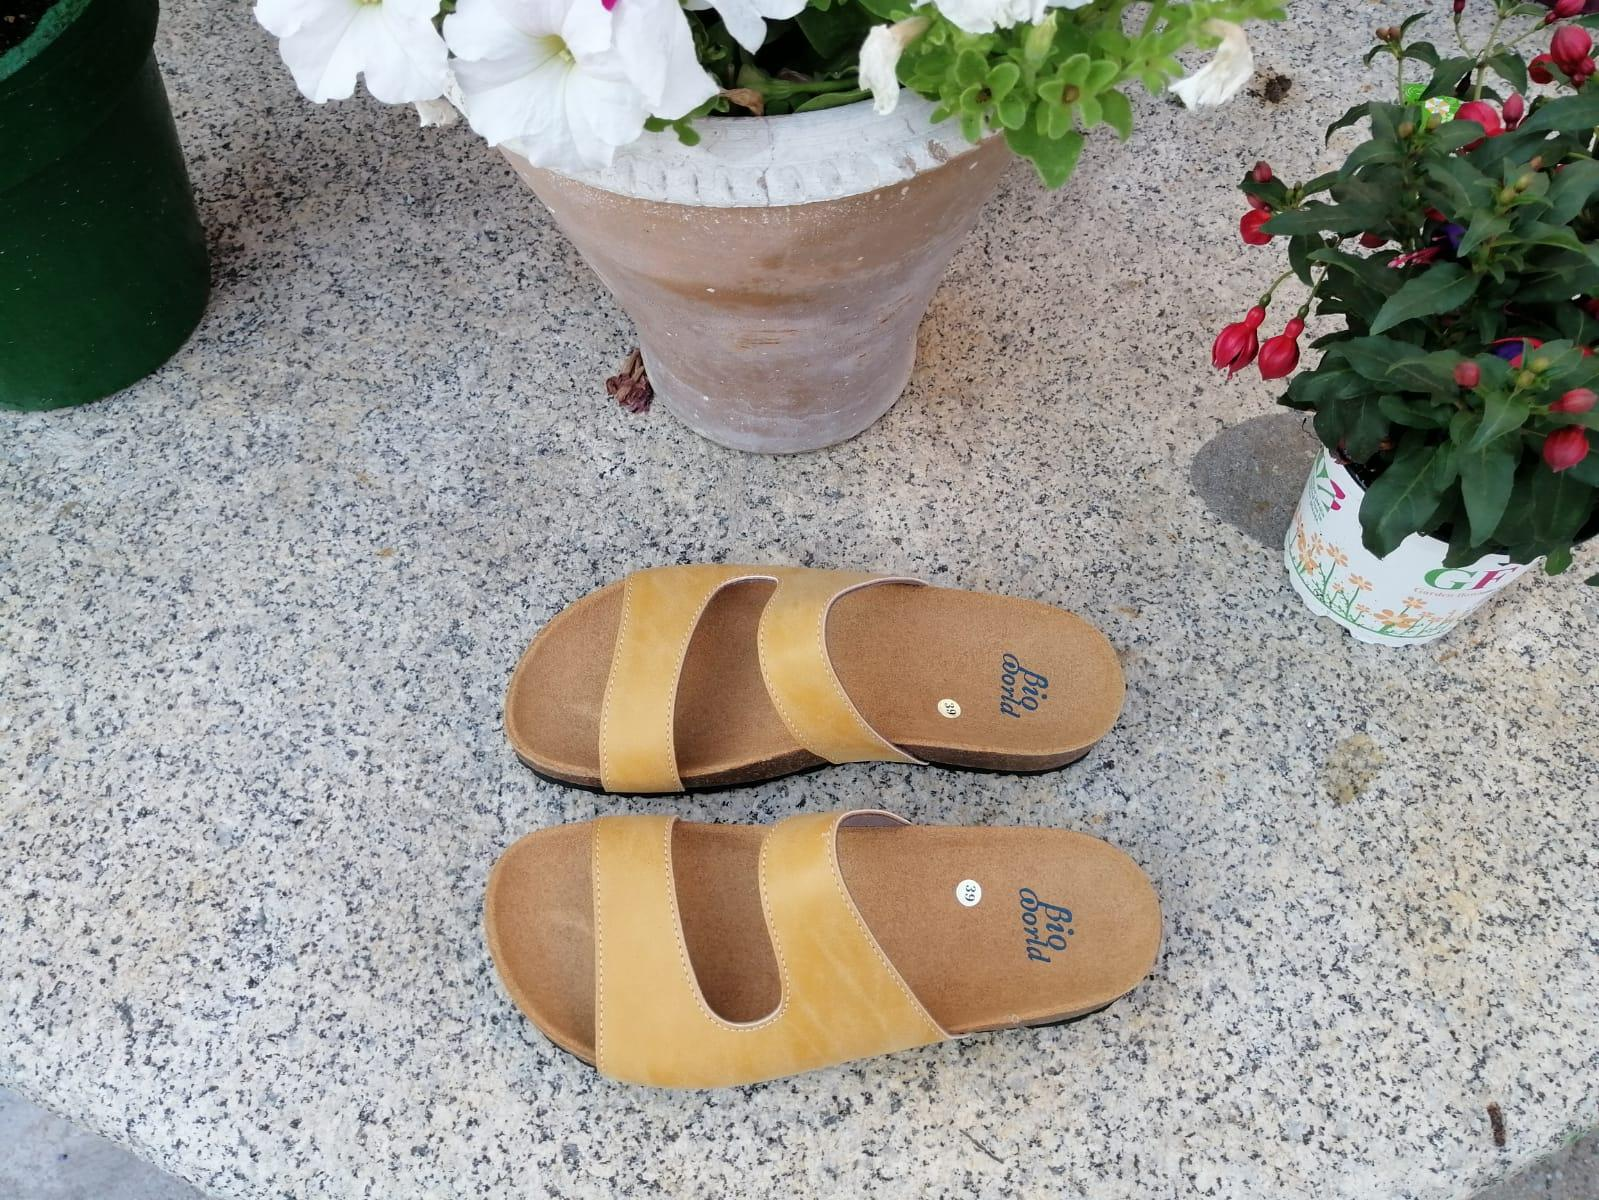 Modelo Begoña color camel, color Grapé sandalias veganas, sandalias veganas mujer, calzado vegano, sandalias de tacón bajo, sandalias bioworld, vegan shoes.